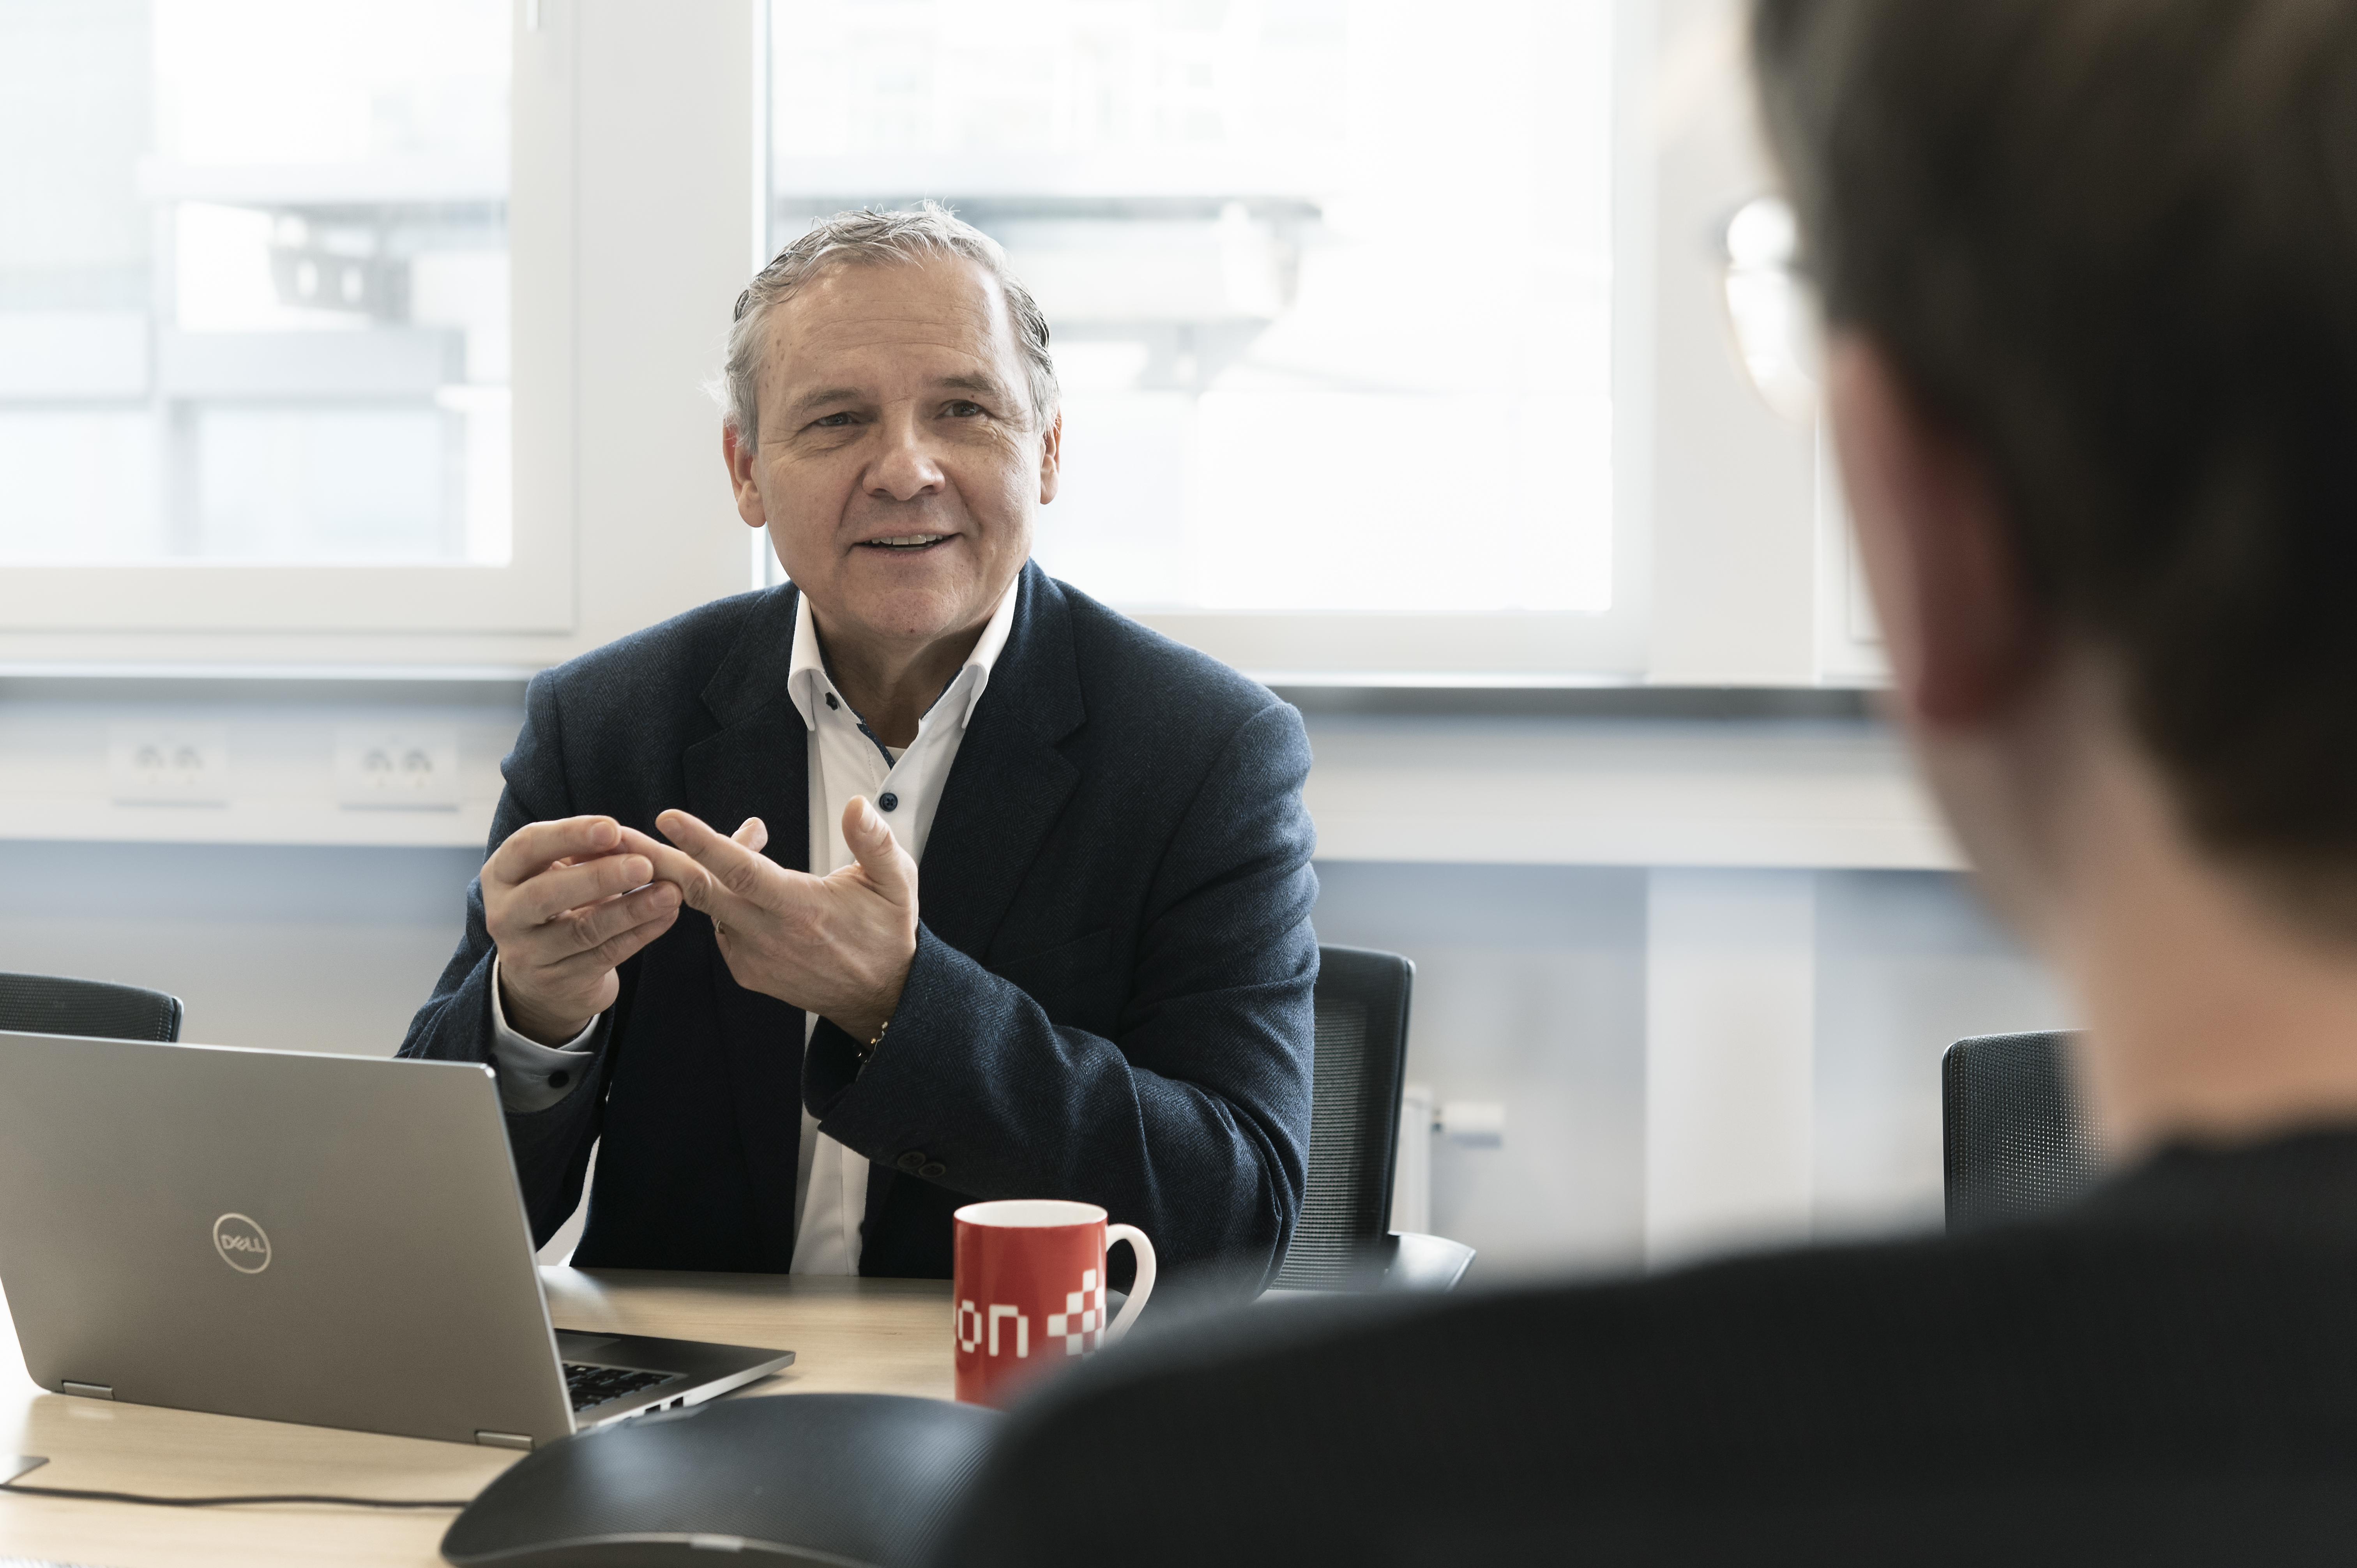 CIDEON Geschäftsführer Dr.-Ing. Clemen Weis im Gespräch